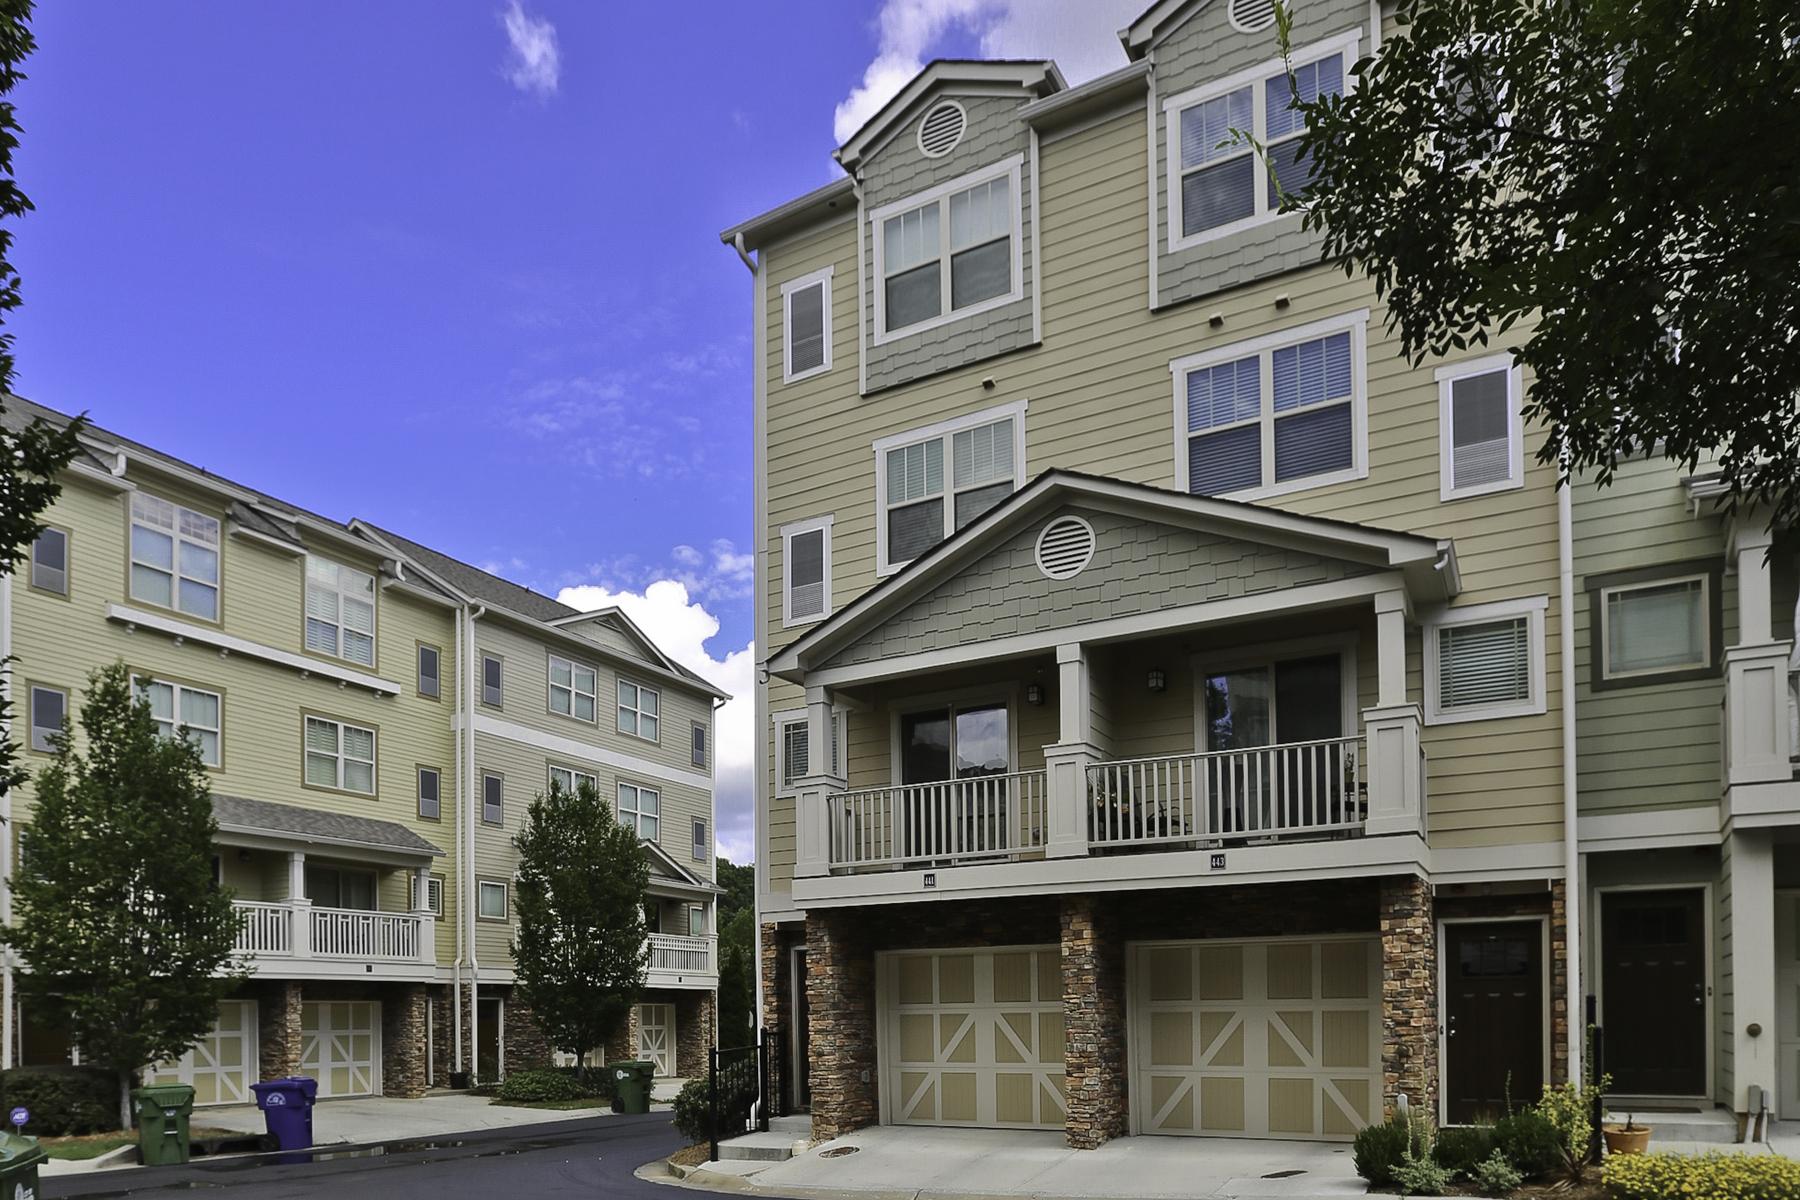 Кондоминиум для того Продажа на Cosmopolitan Townhome 215 Semel Drive Unit 441 Atlanta, Джорджия, 30309 Соединенные Штаты